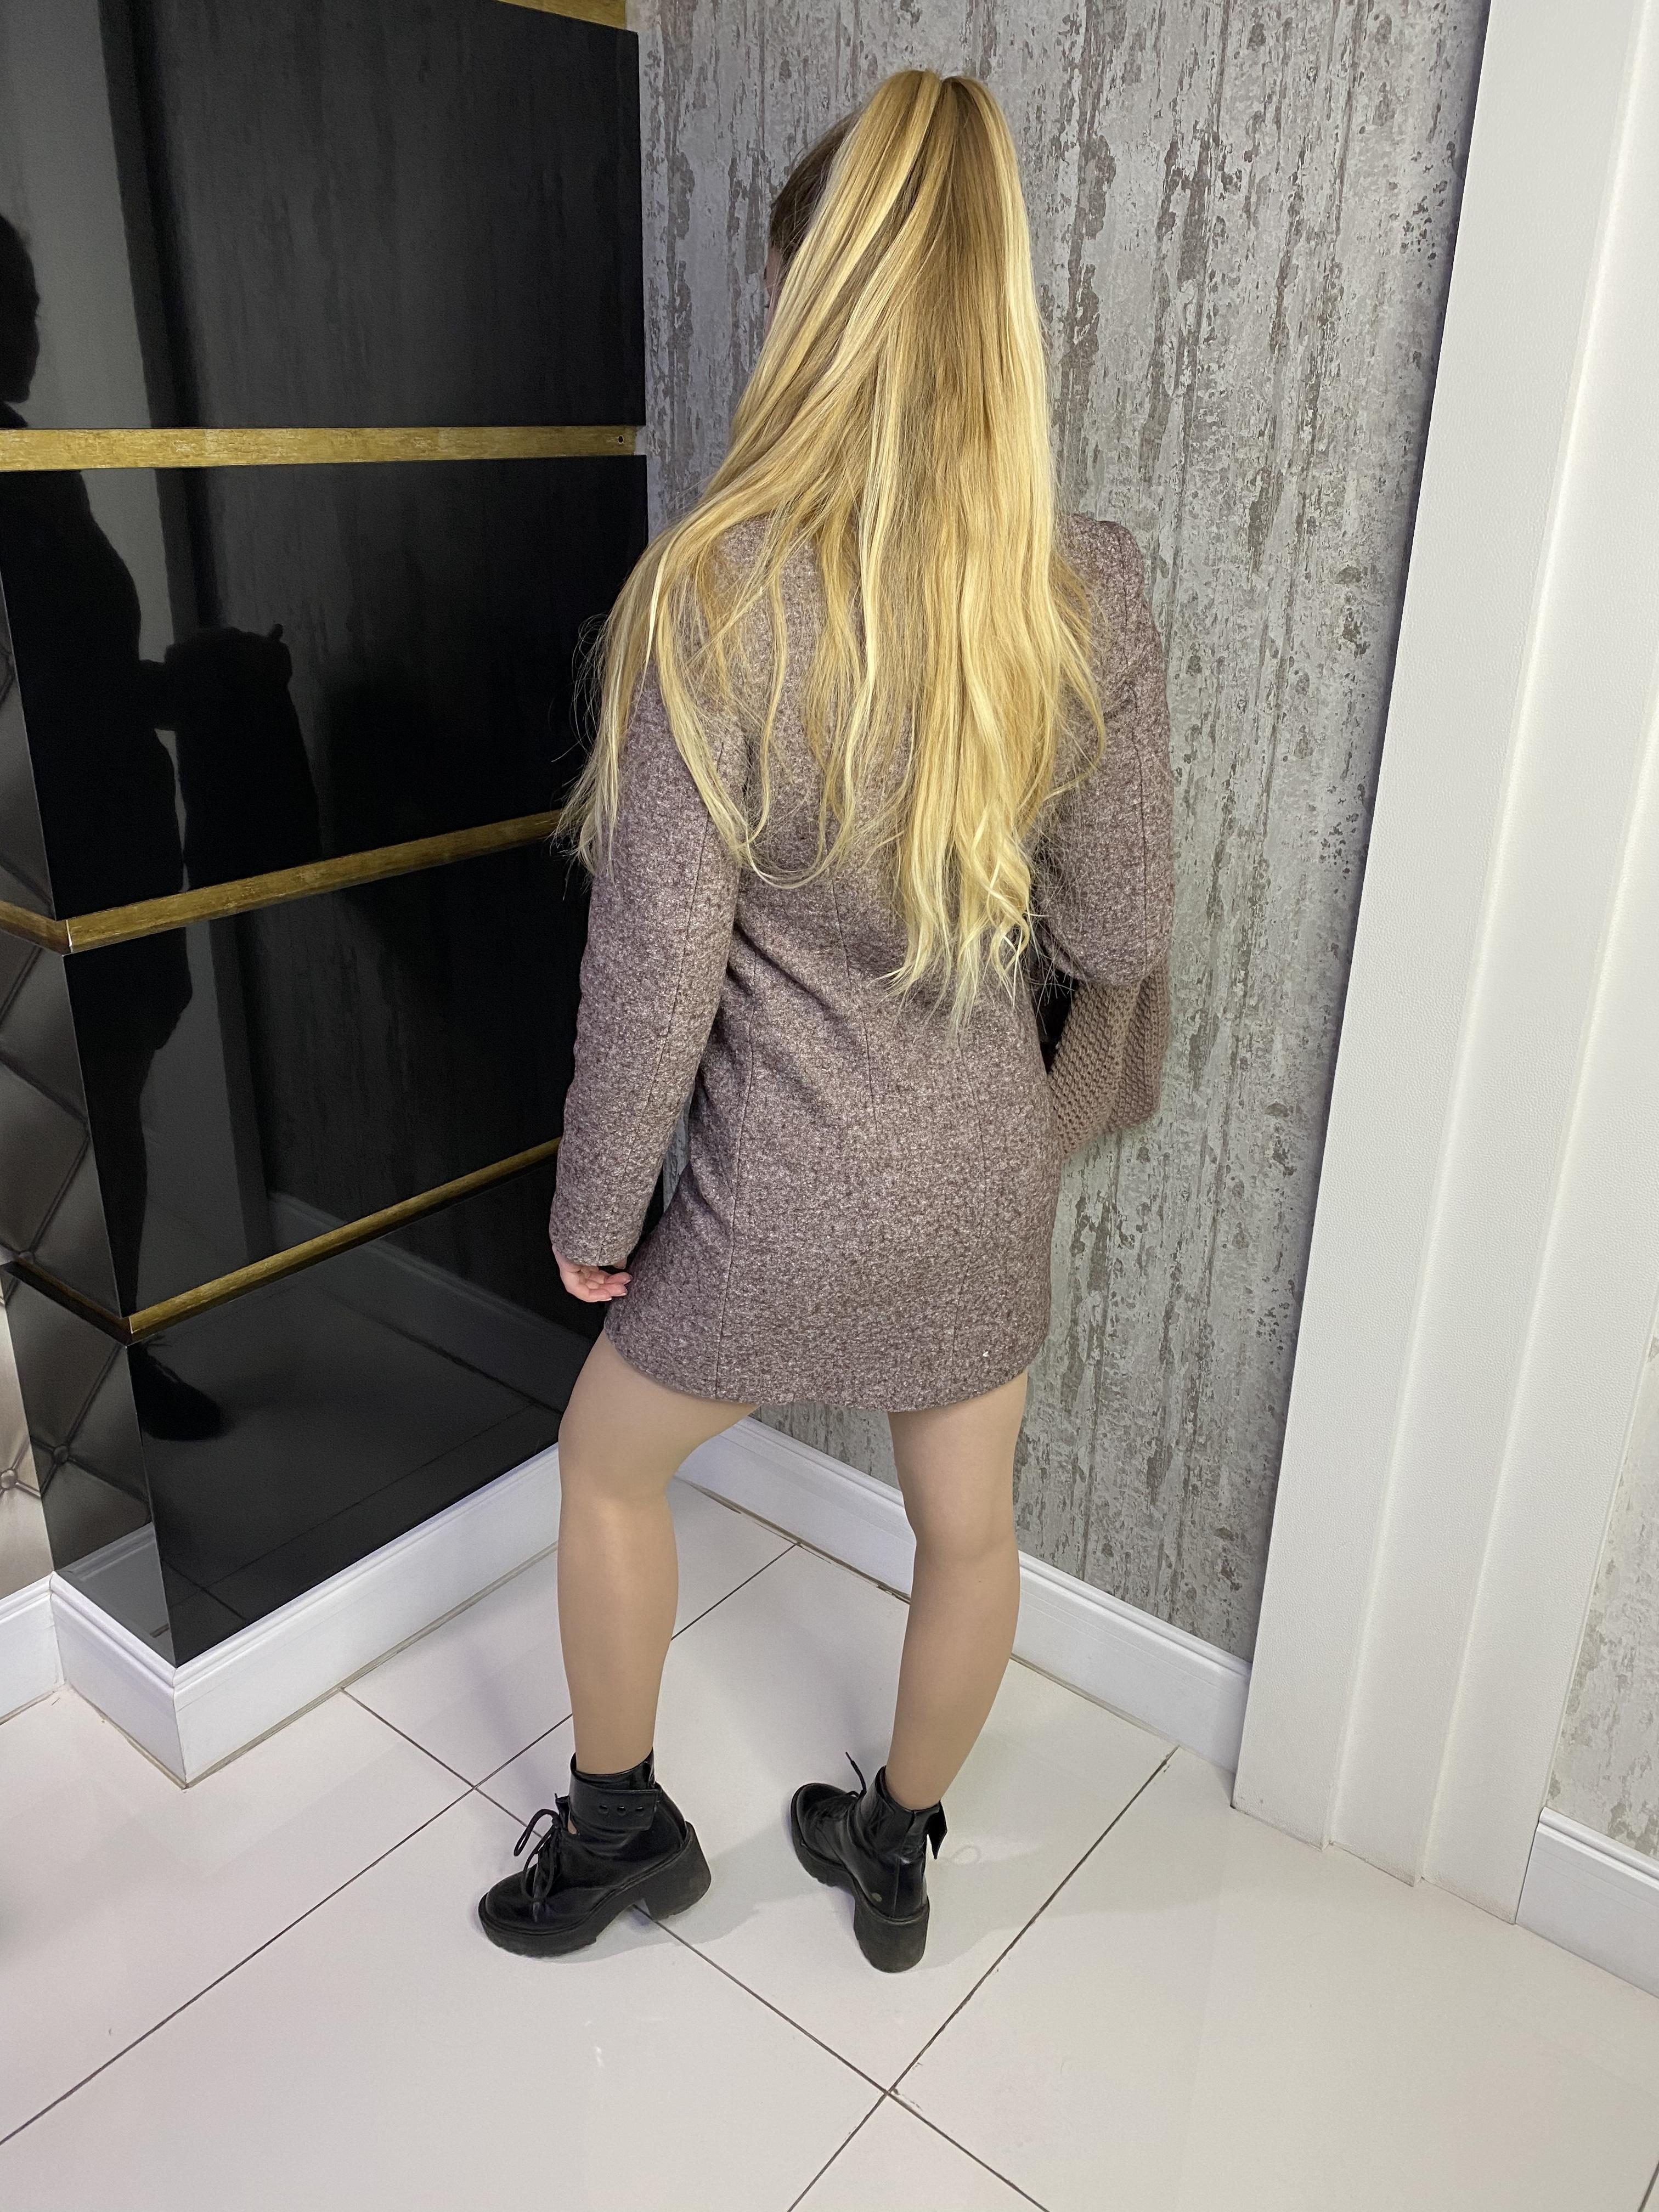 Пальто Сплит 4205 АРТ. 21046 Цвет: Кофе LW-4 - фото 2, интернет магазин tm-modus.ru